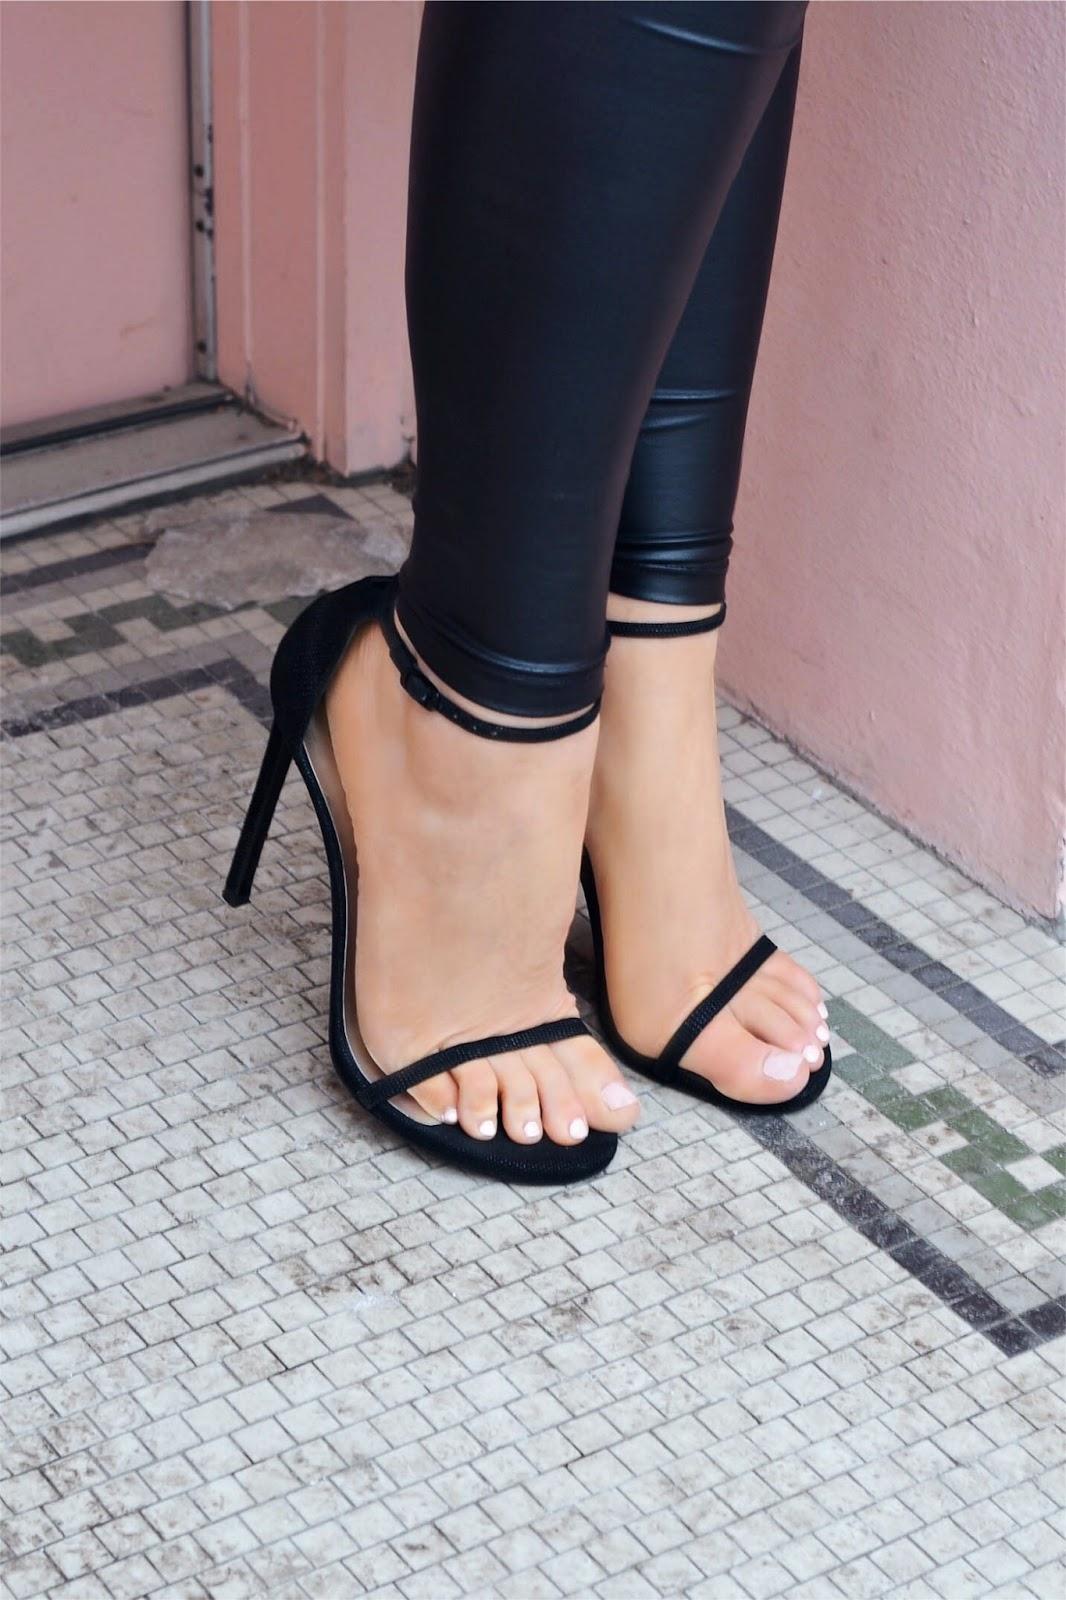 stuart weitzman nudist heels black